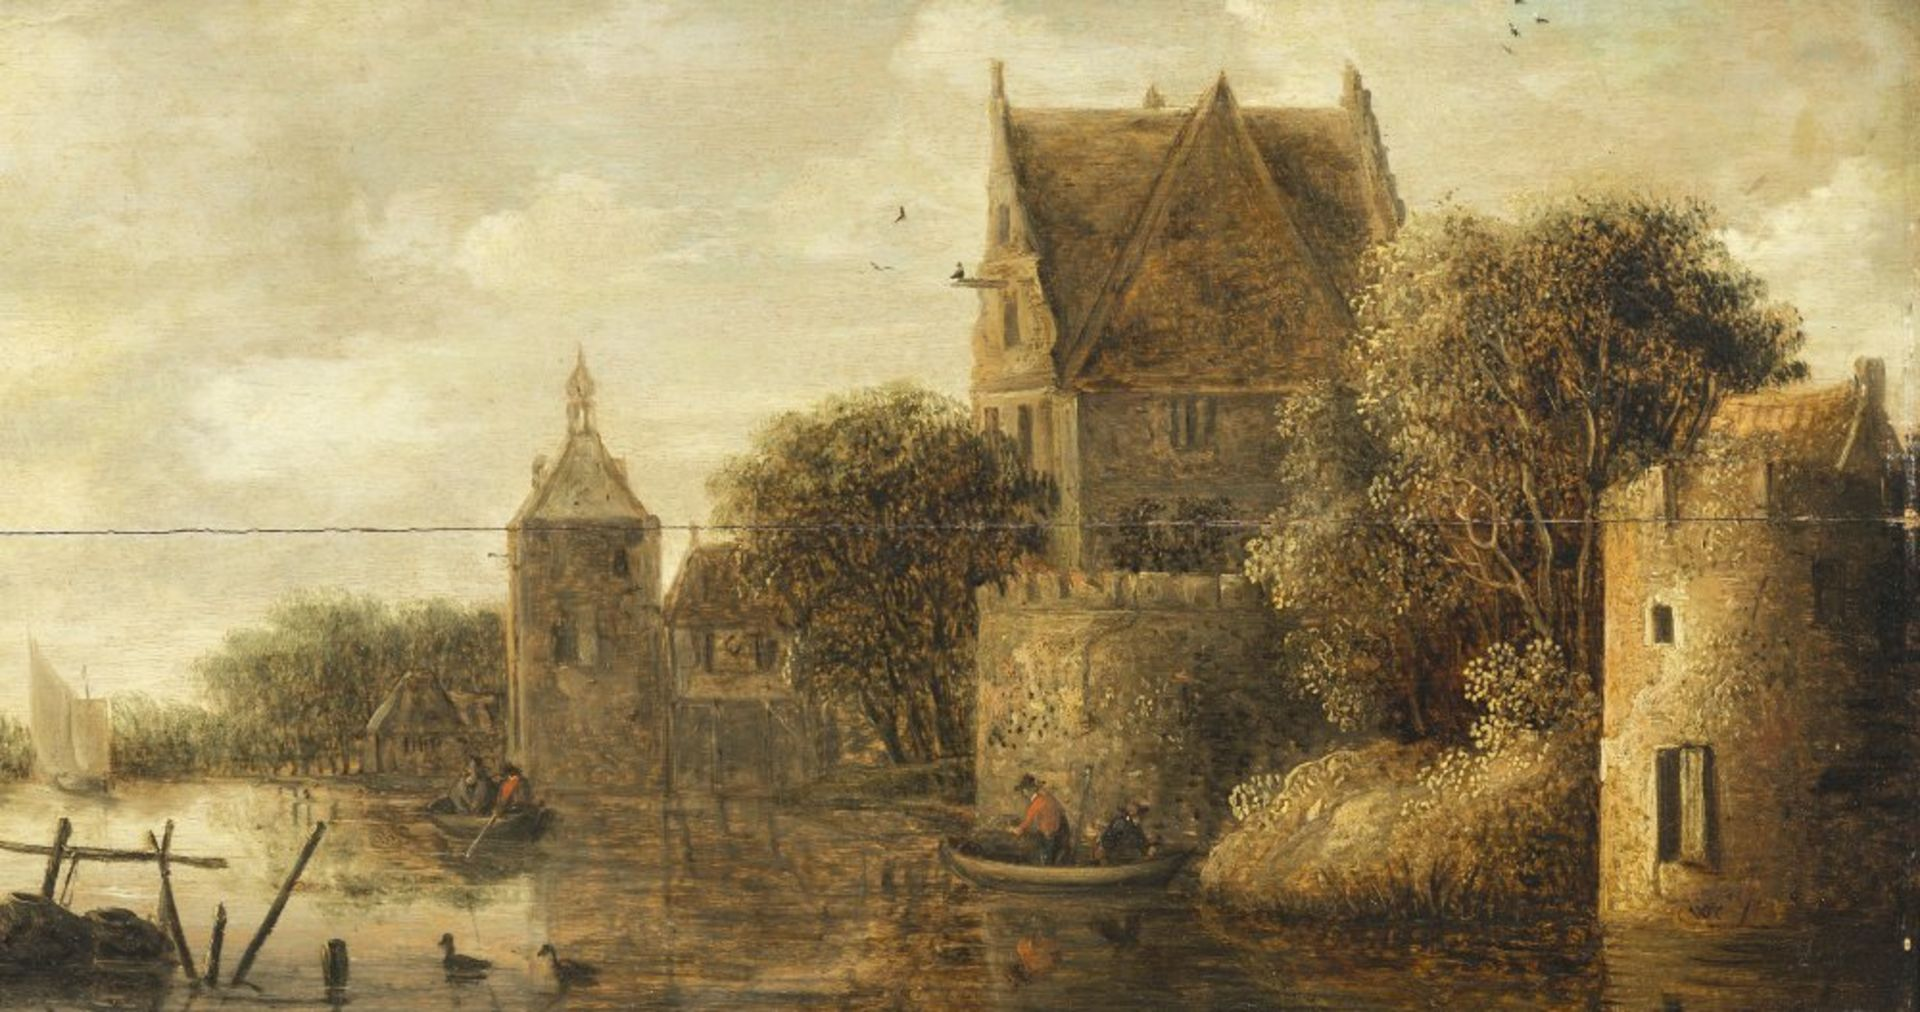 Knijff, Wouter, zugeschriebenOrtschaft am Fluß mit Ruder- und Segelbooten. Öl/Holz. 28 x 49 cm.